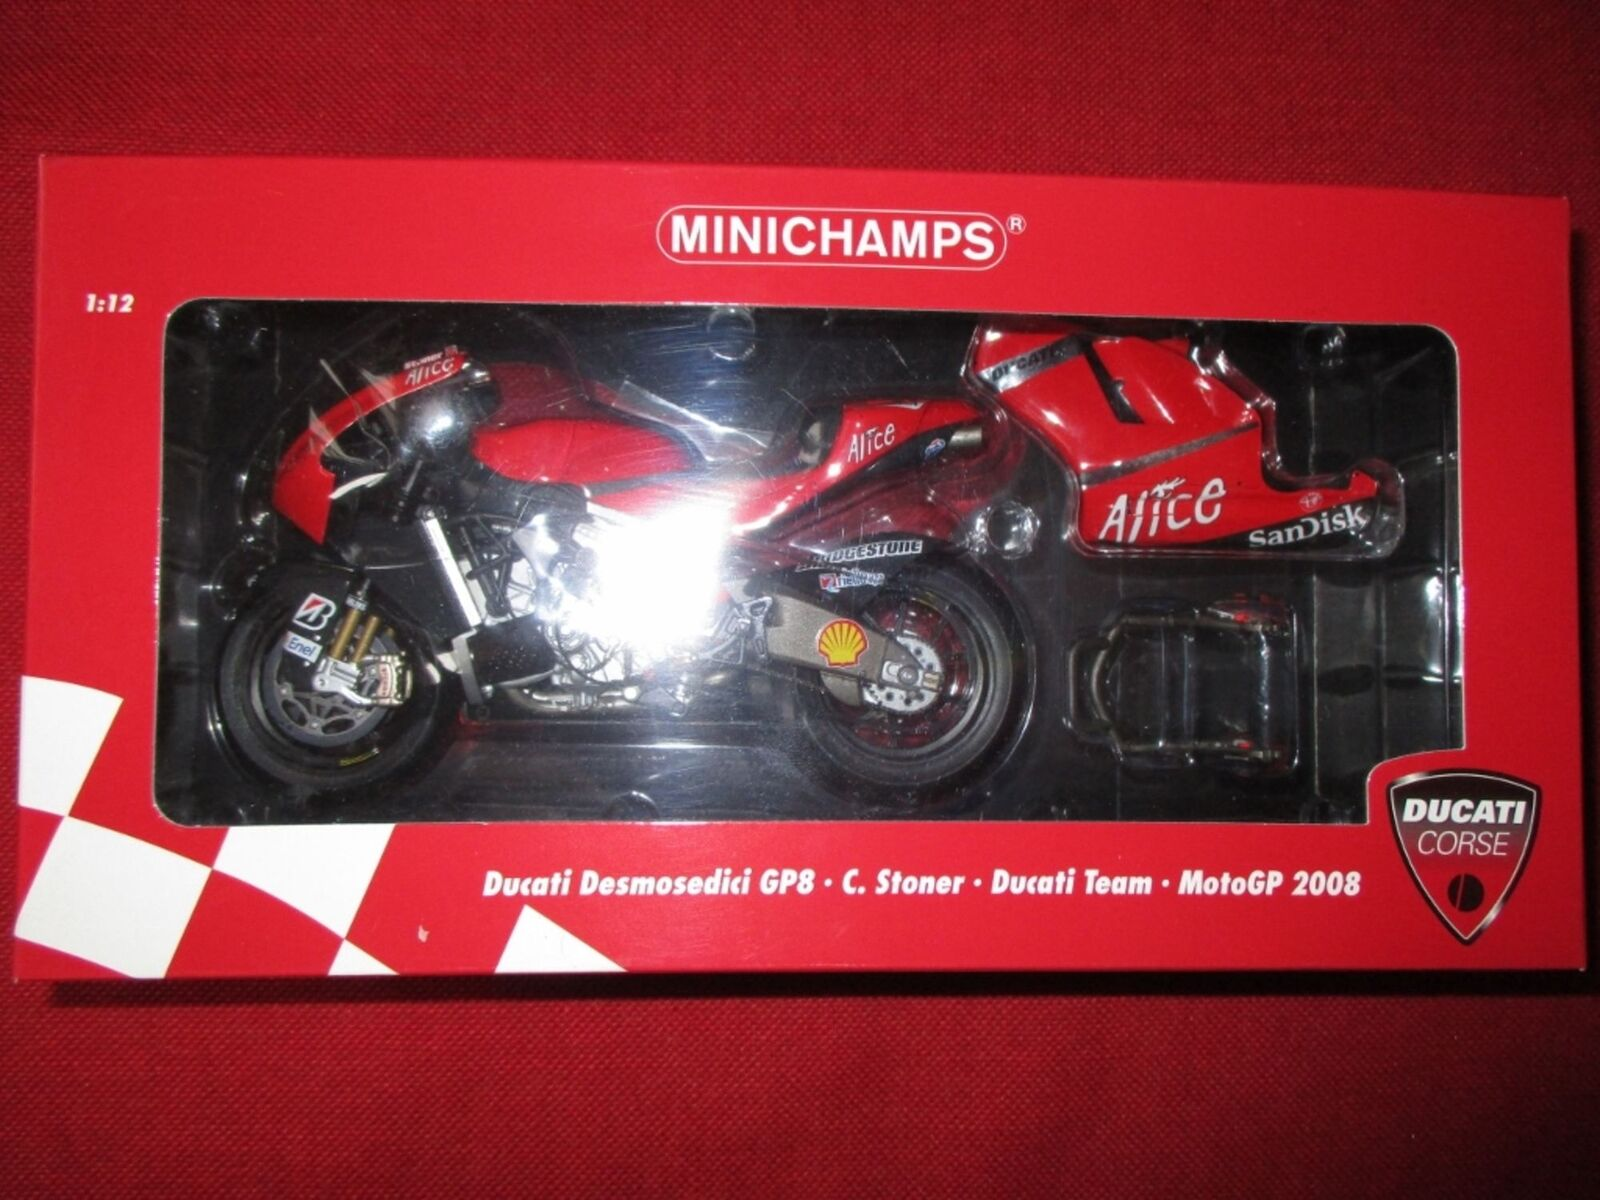 MINICHAMPS ® 122 080001 1 12 Ducati Desmosedici gp8 C. Stoner Ducati Équipe 2008